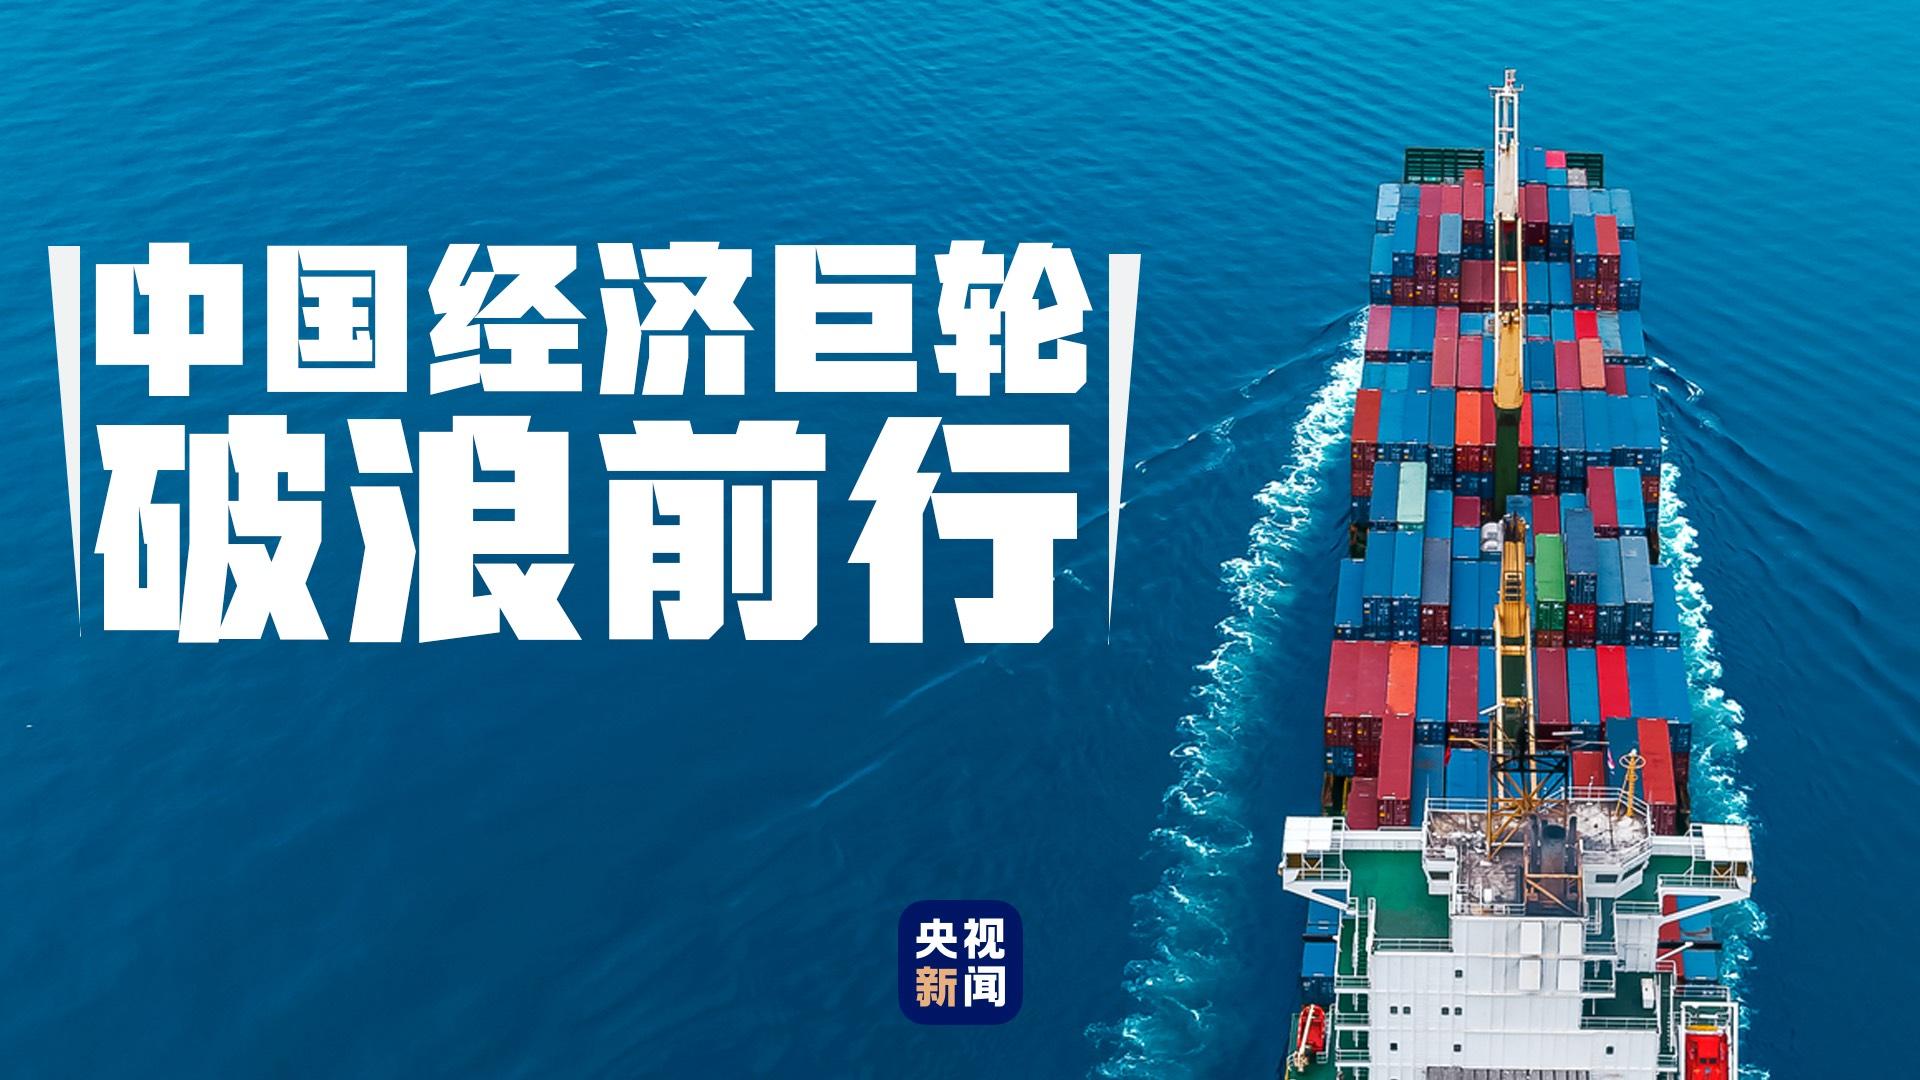 習近平領航中國經濟巨輪破浪前行-圖14